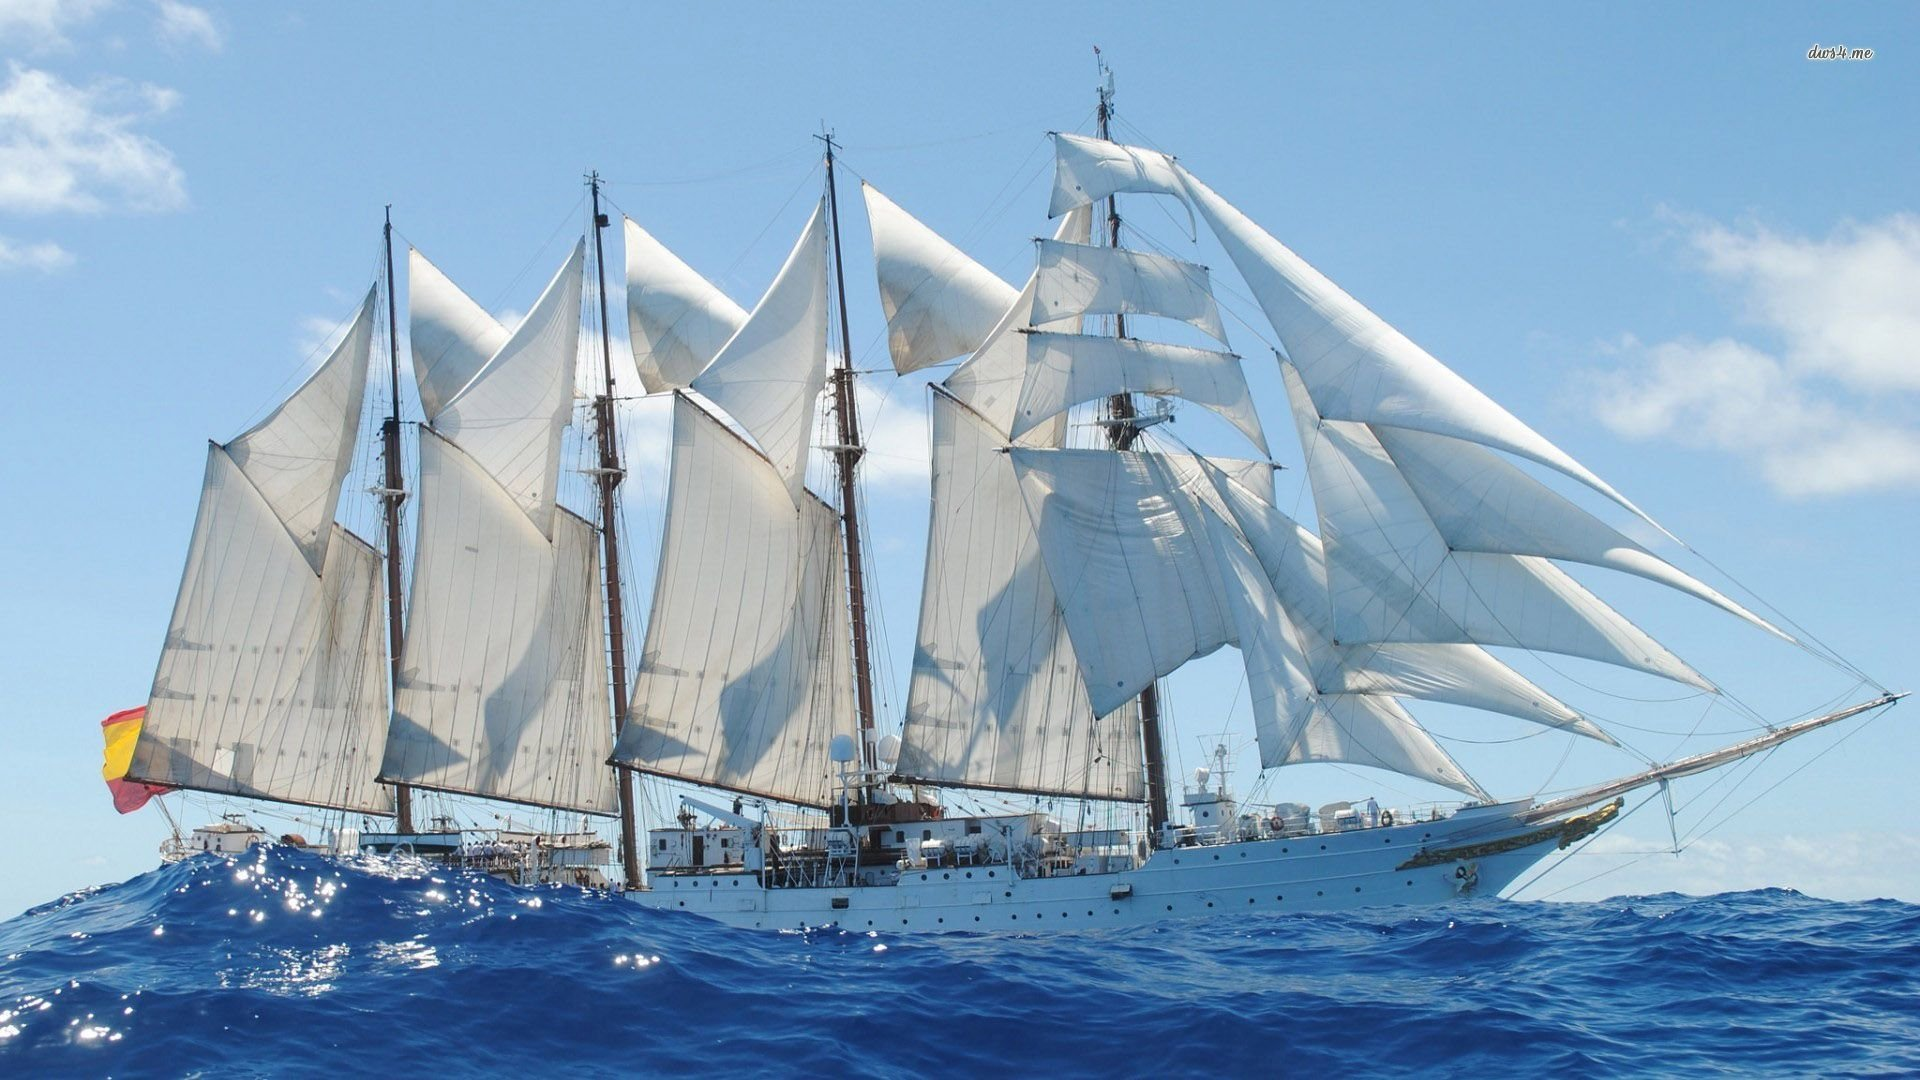 fond d'ecran gratuit bateaux voiliers